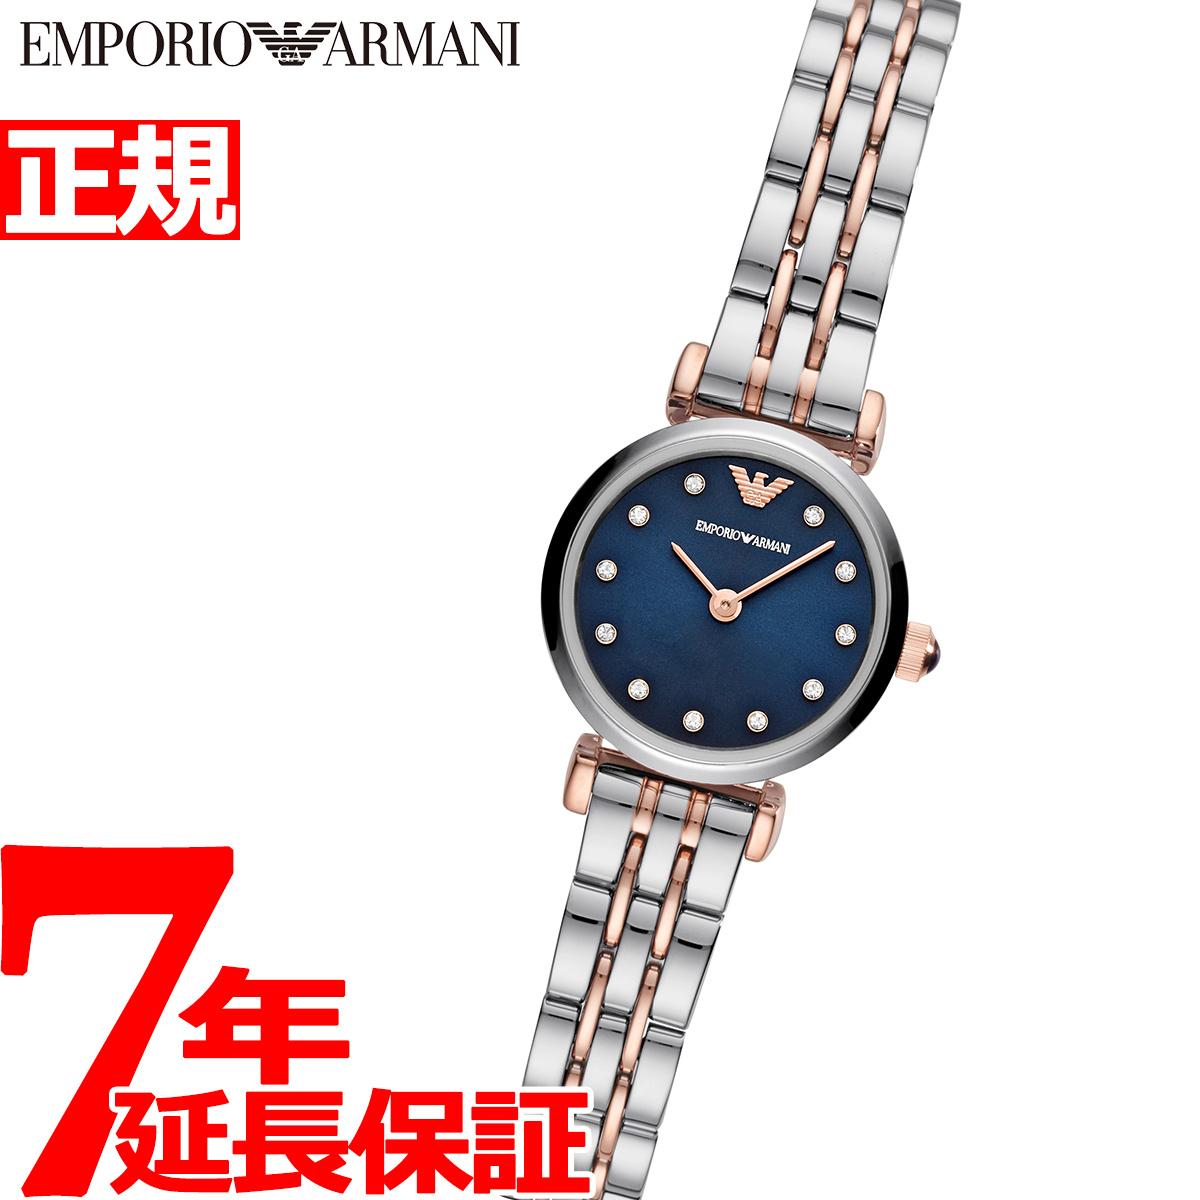 【5日0時~♪10%OFFクーポン&店内ポイント最大51倍!5日23時59分まで】エンポリオアルマーニ EMPORIO ARMANI 腕時計 レディース AR11222